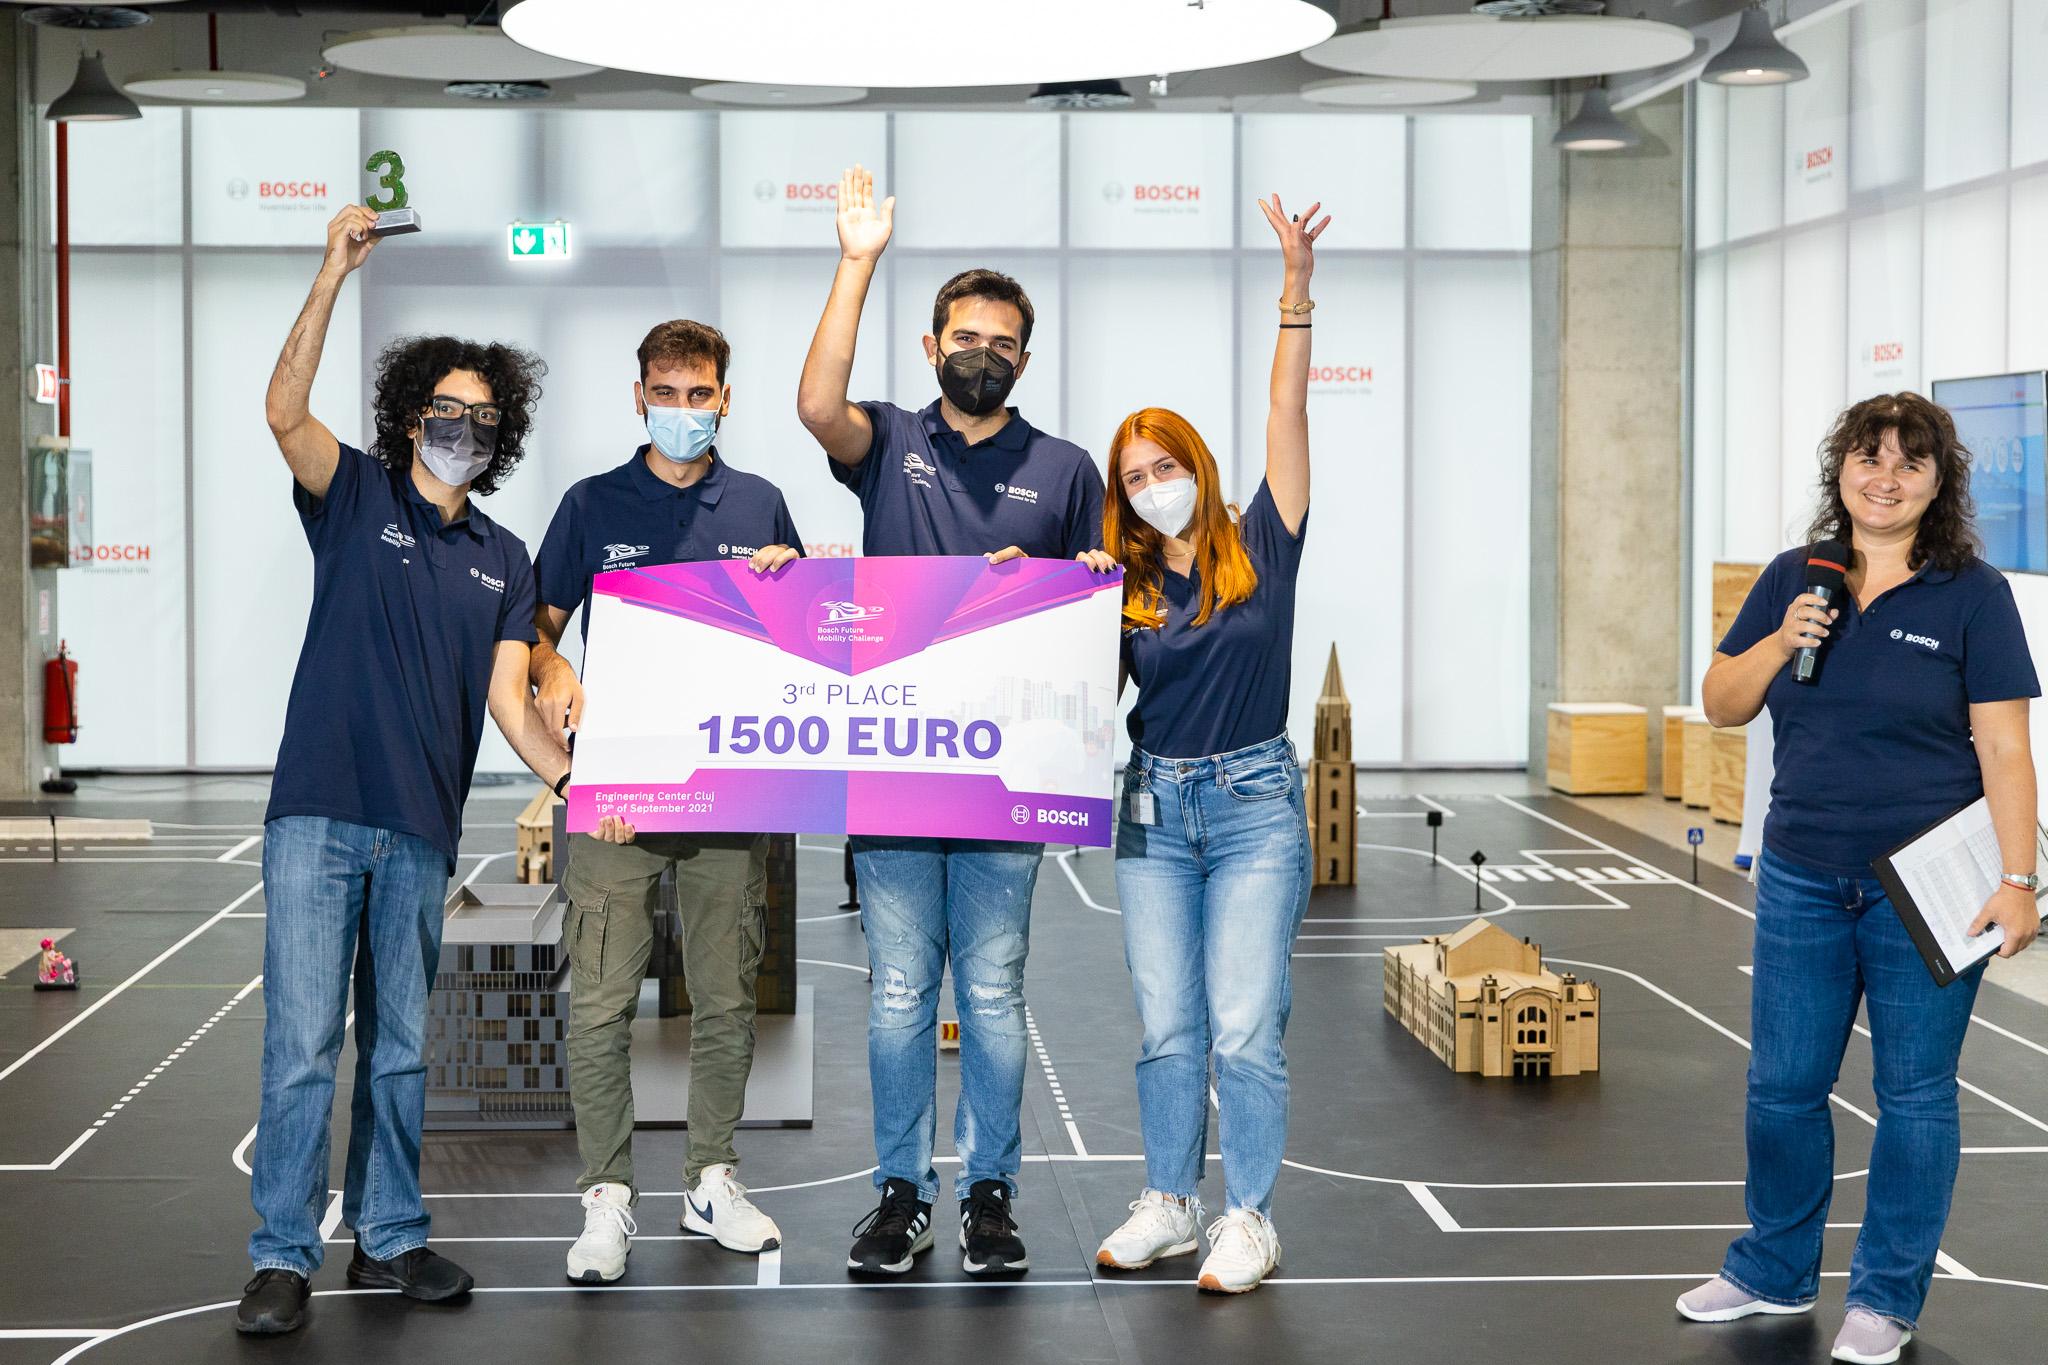 V.R.O.O.M team, Bosch Future Mobility Challenge